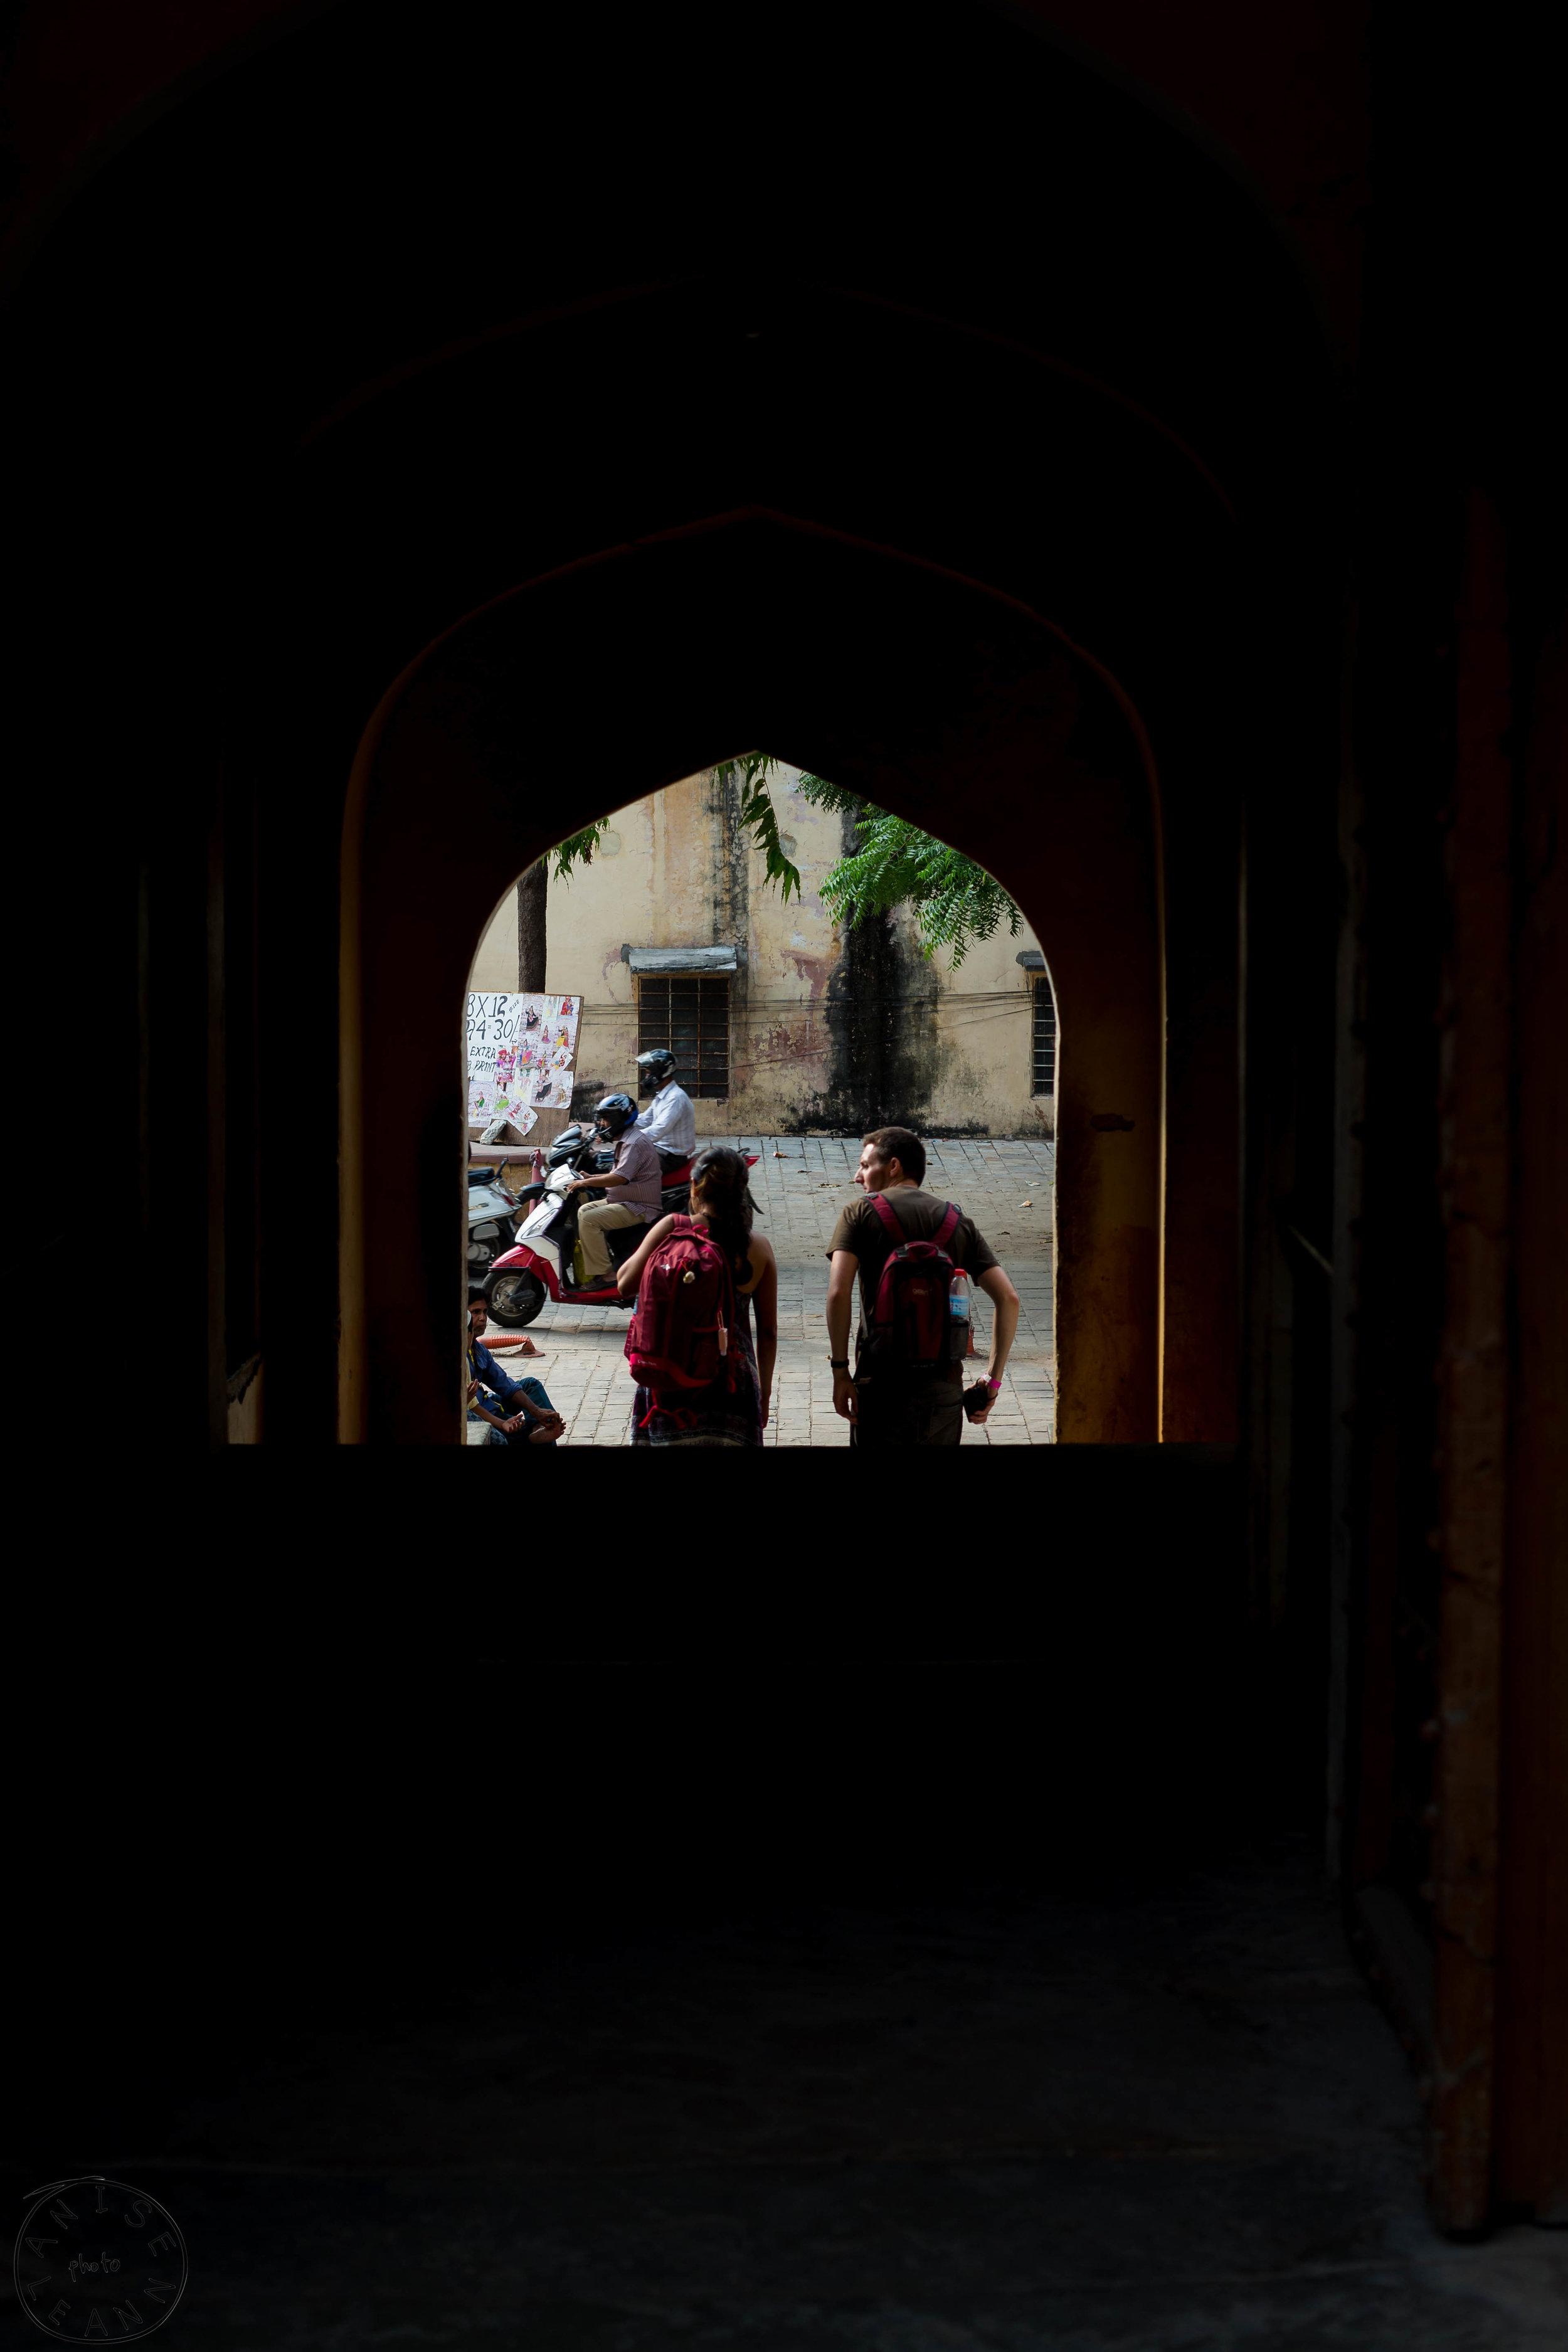 India-Jaipur-Day1-66.jpg